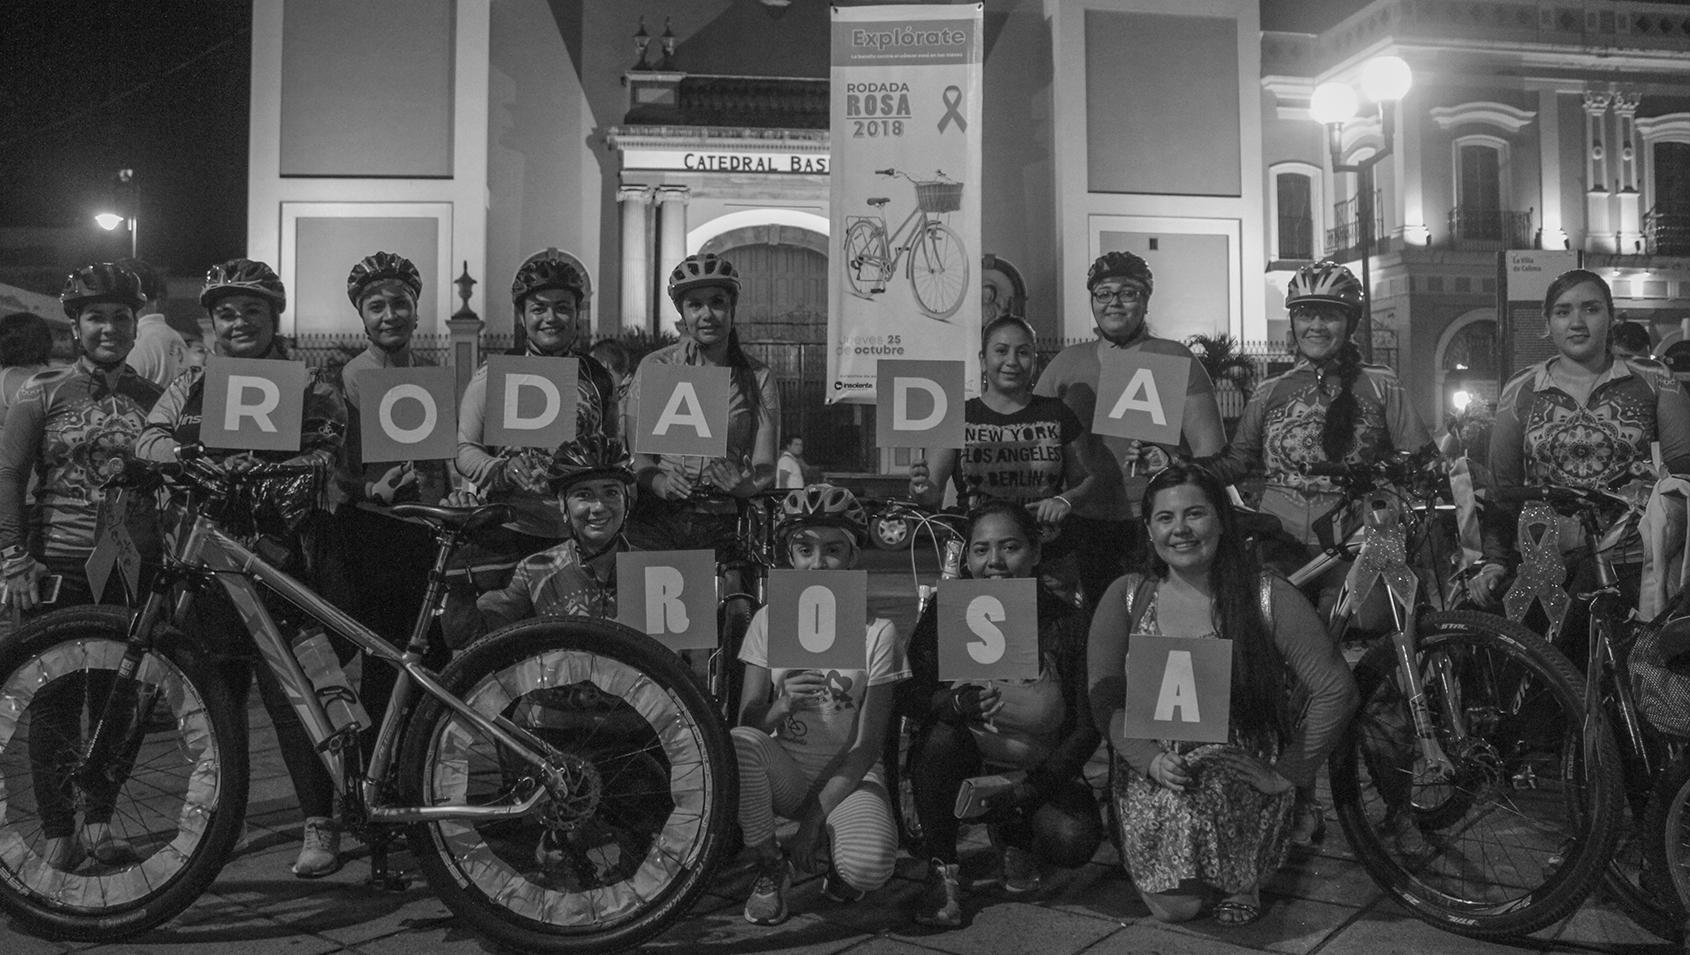 Rodada Rosa 2019